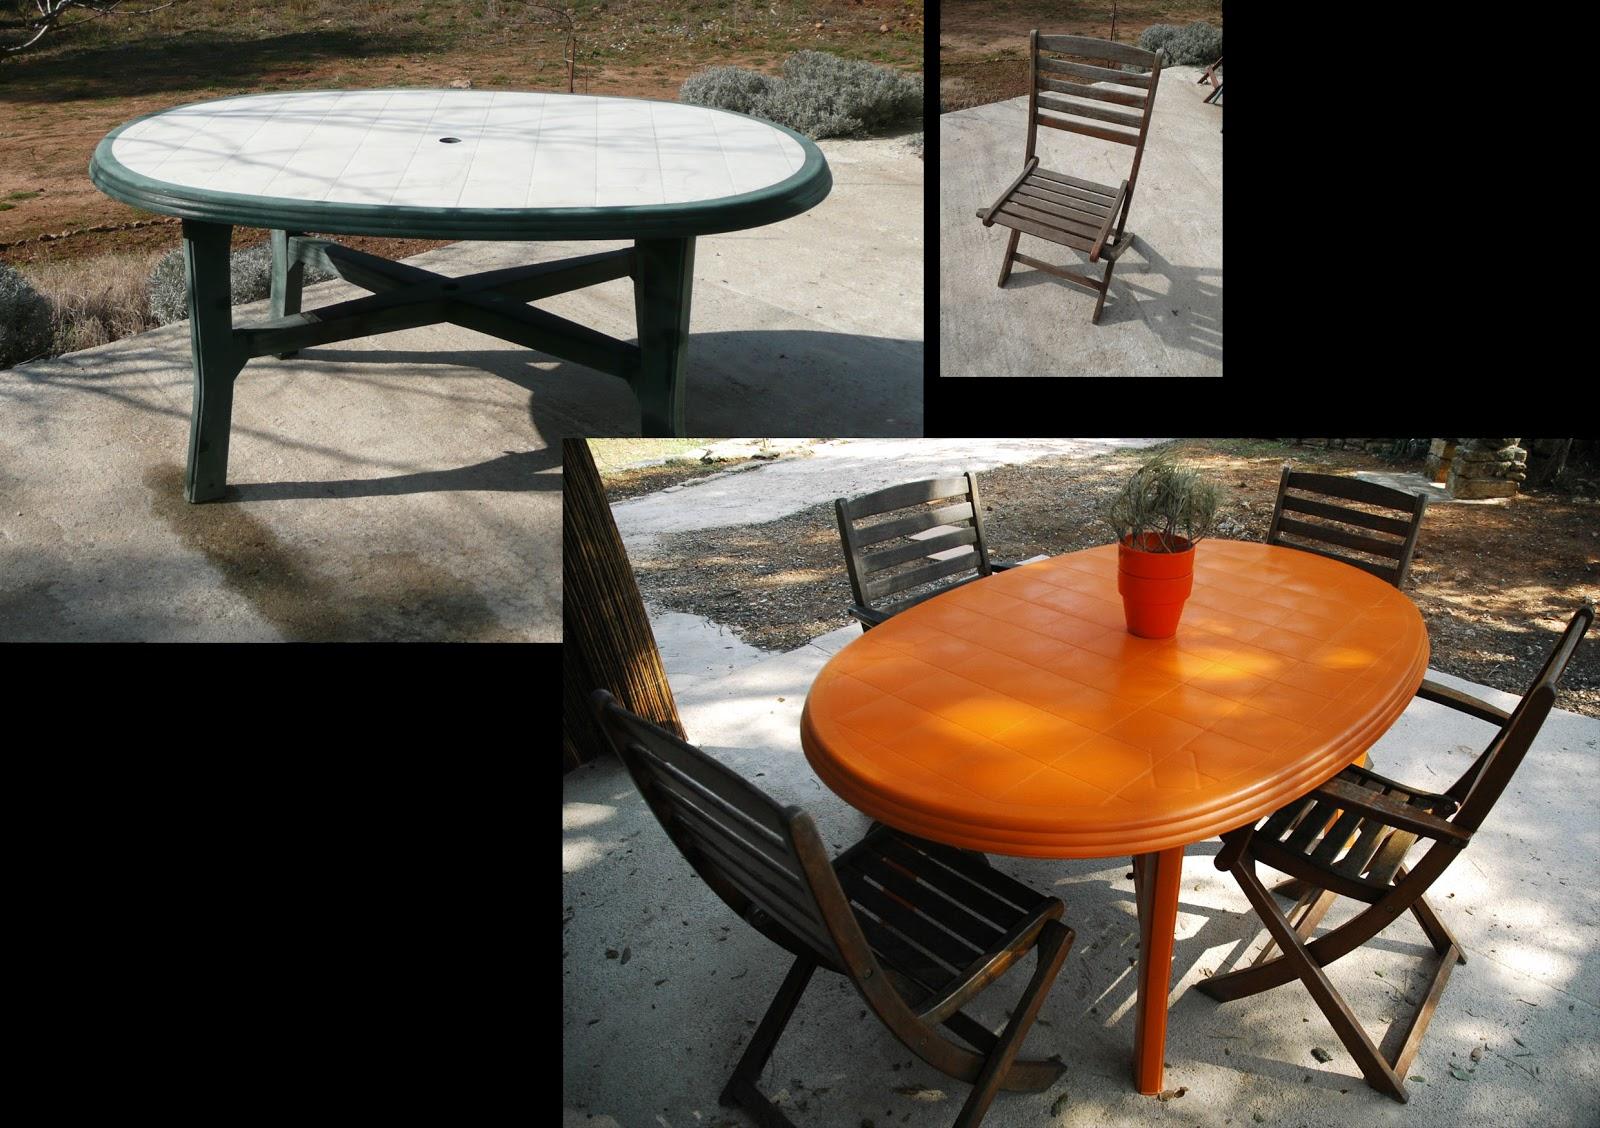 Table De Jardin Recup c&dco _ création et décoration: recup' & detournement d'objets